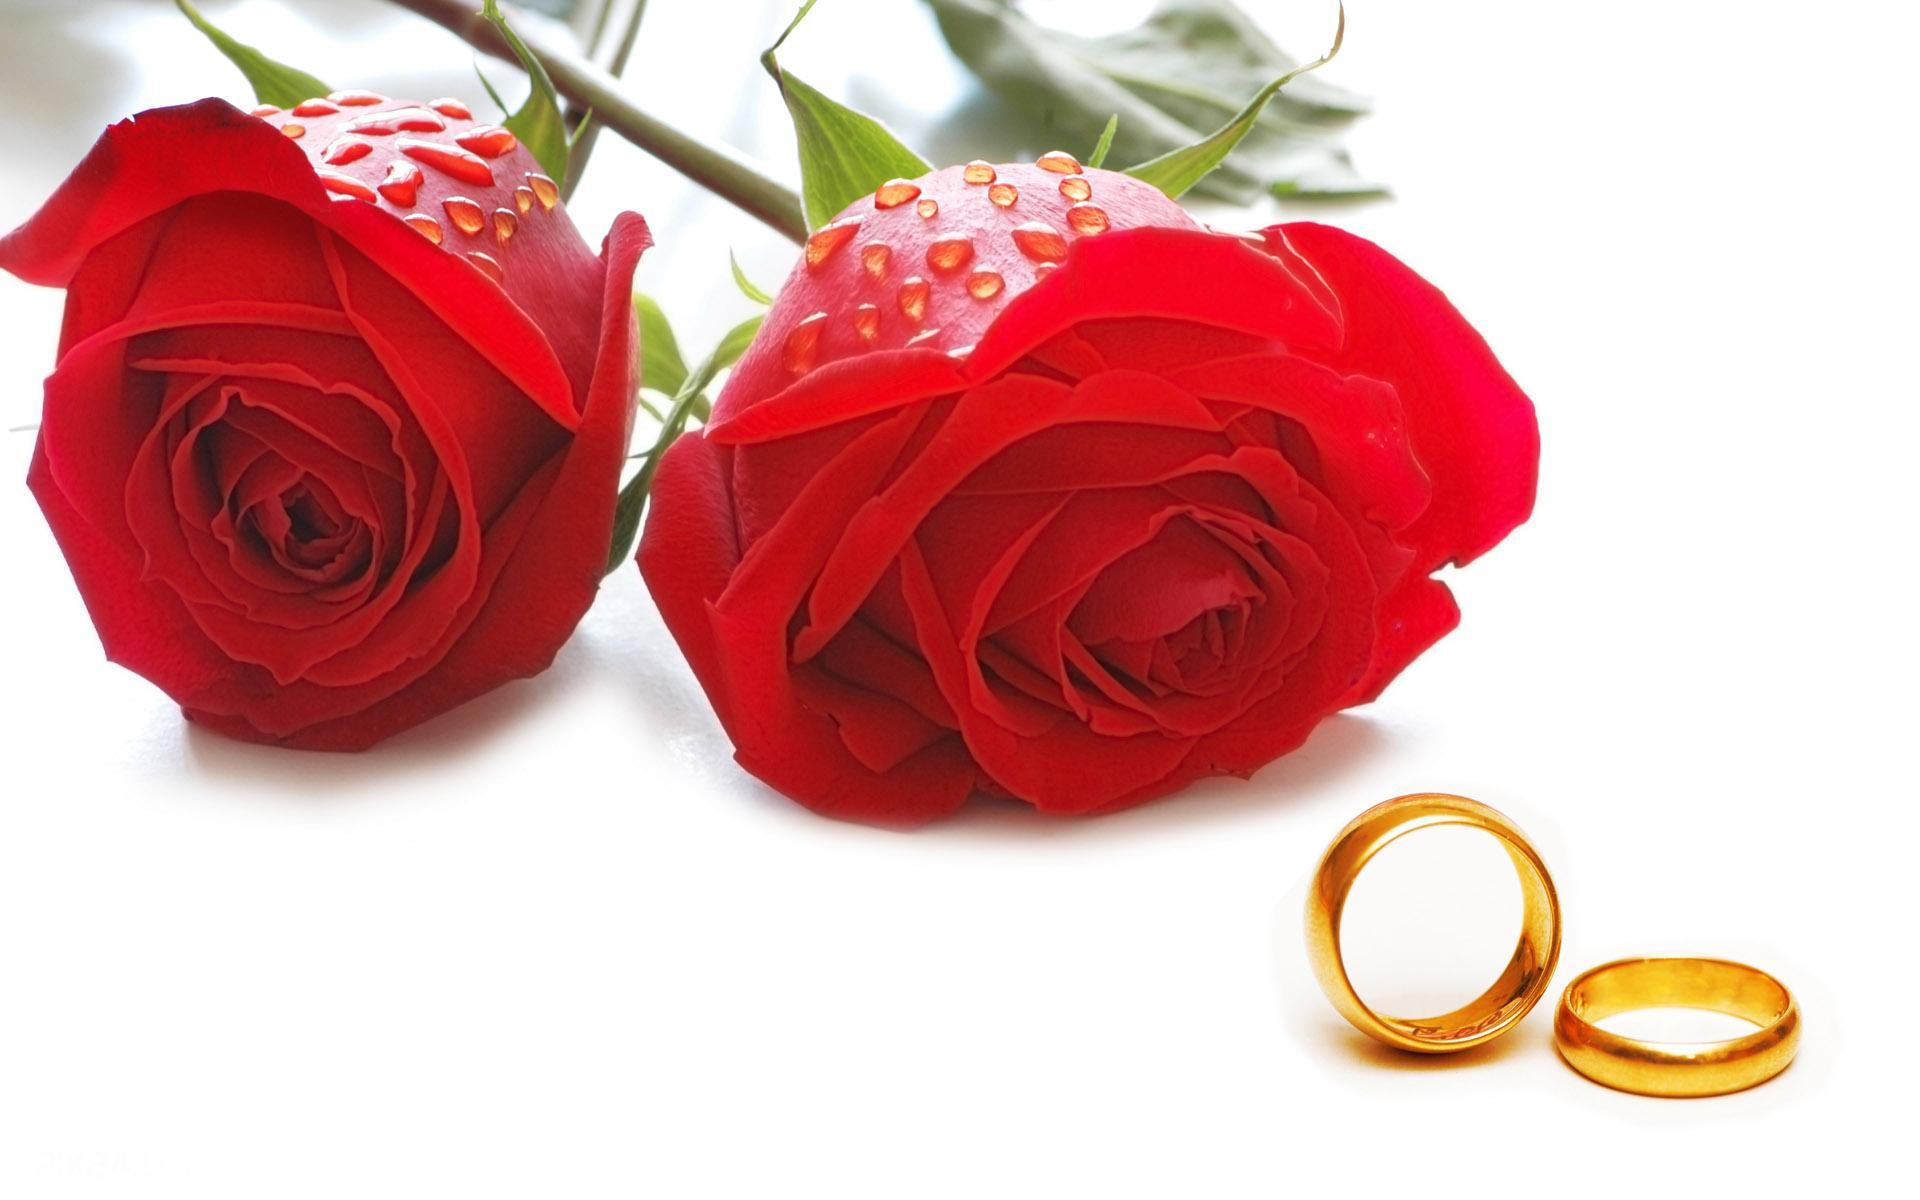 ازدواج آسان، تنها راه گسترش امر ازدواج در جامعه